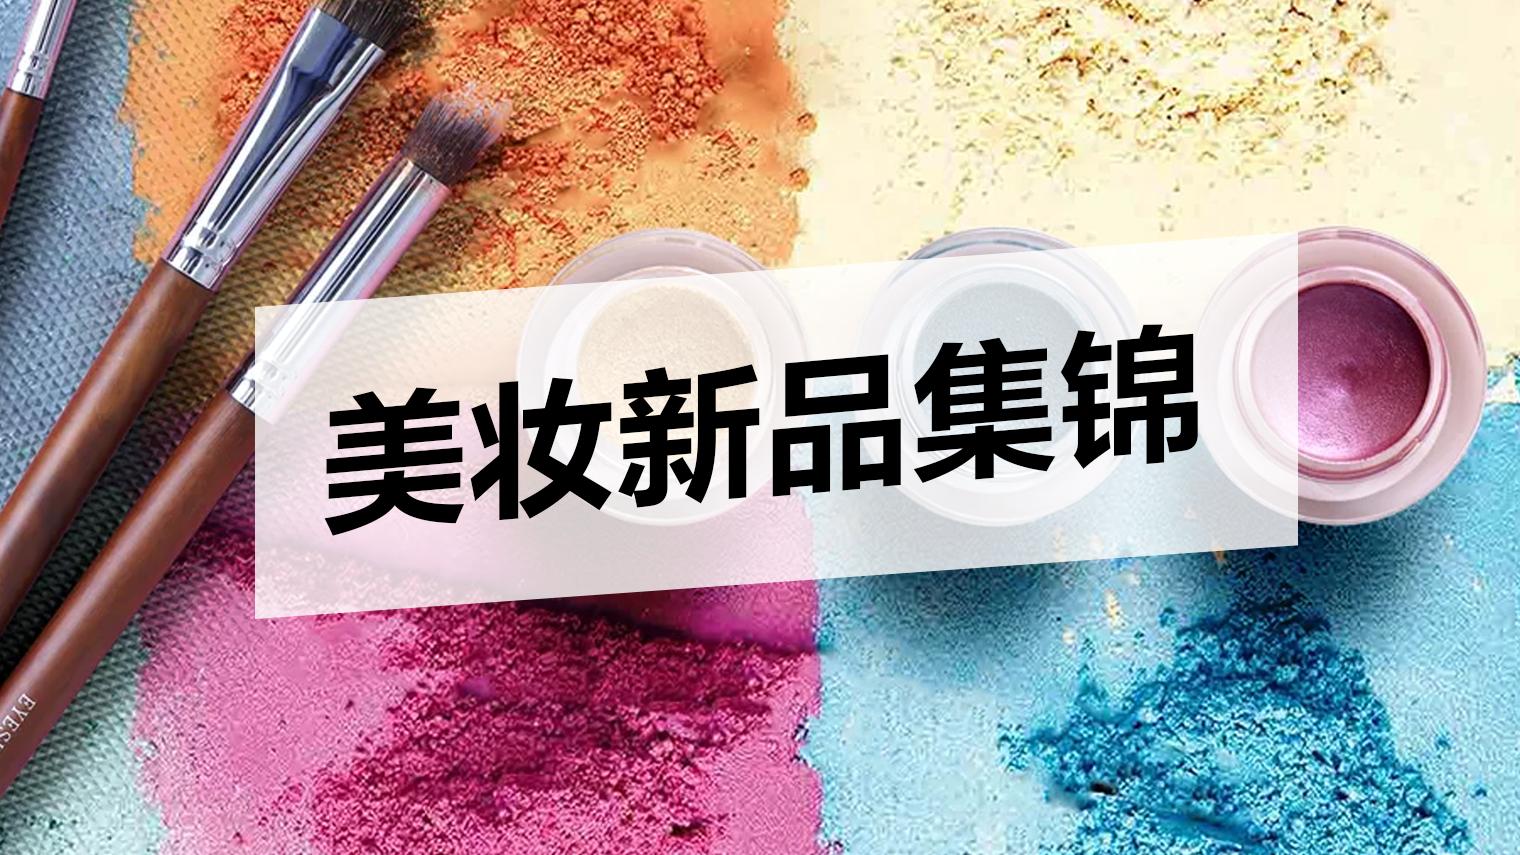 新品观察   海绵宝宝与美妆品牌联名,歌手赛琳娜个人品牌上新